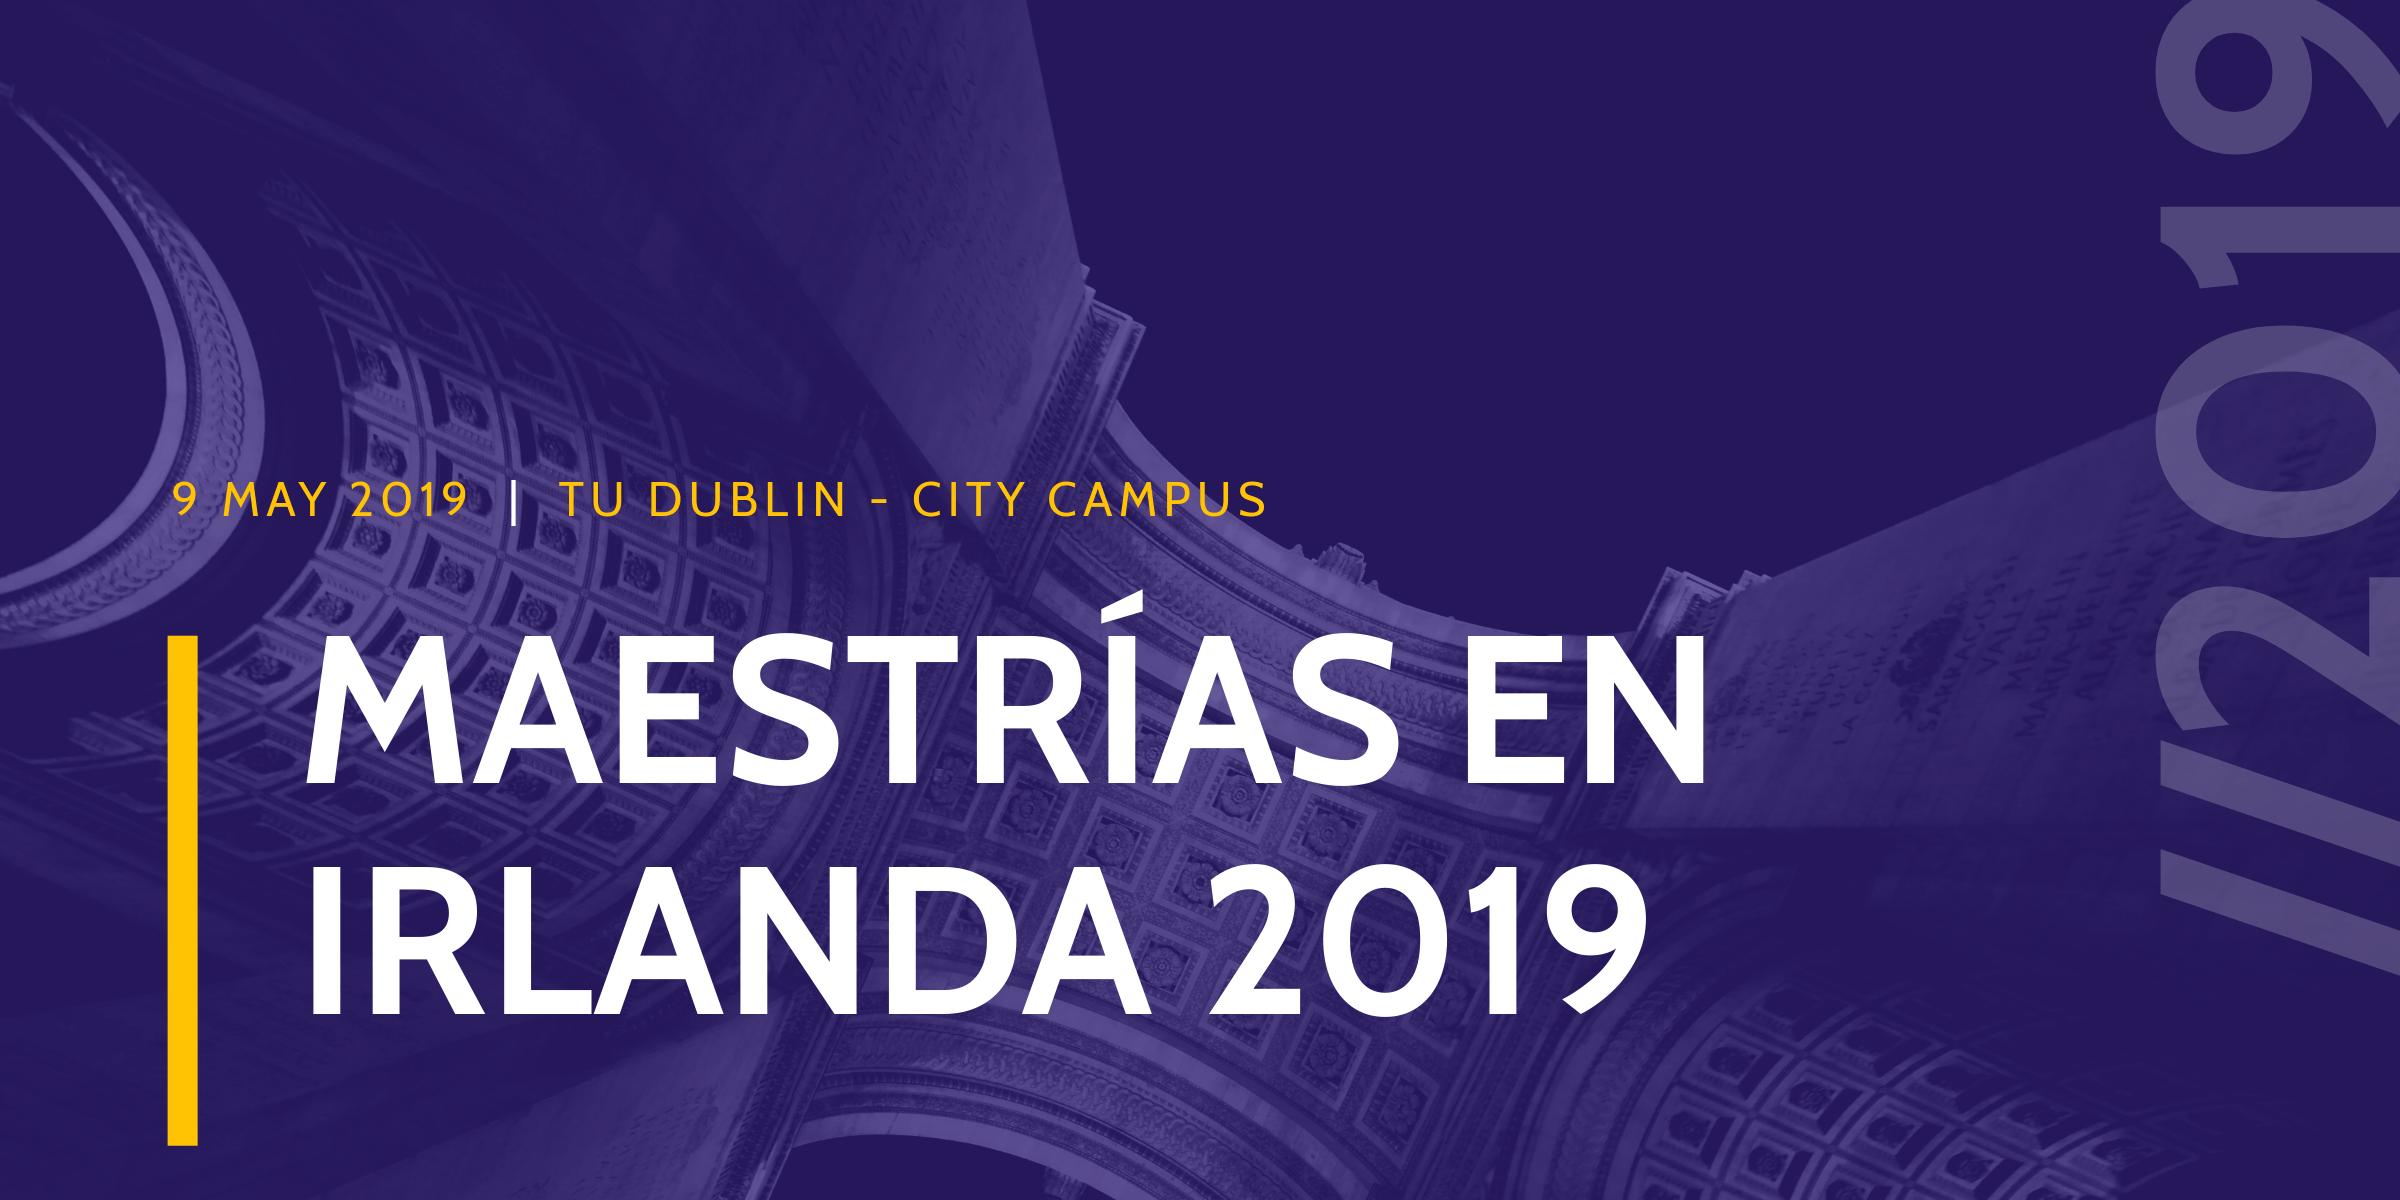 Maestrías en Irlanda 2019 - Master's Degrees in Ireland 2019 - Maestrías Irlanda 2019